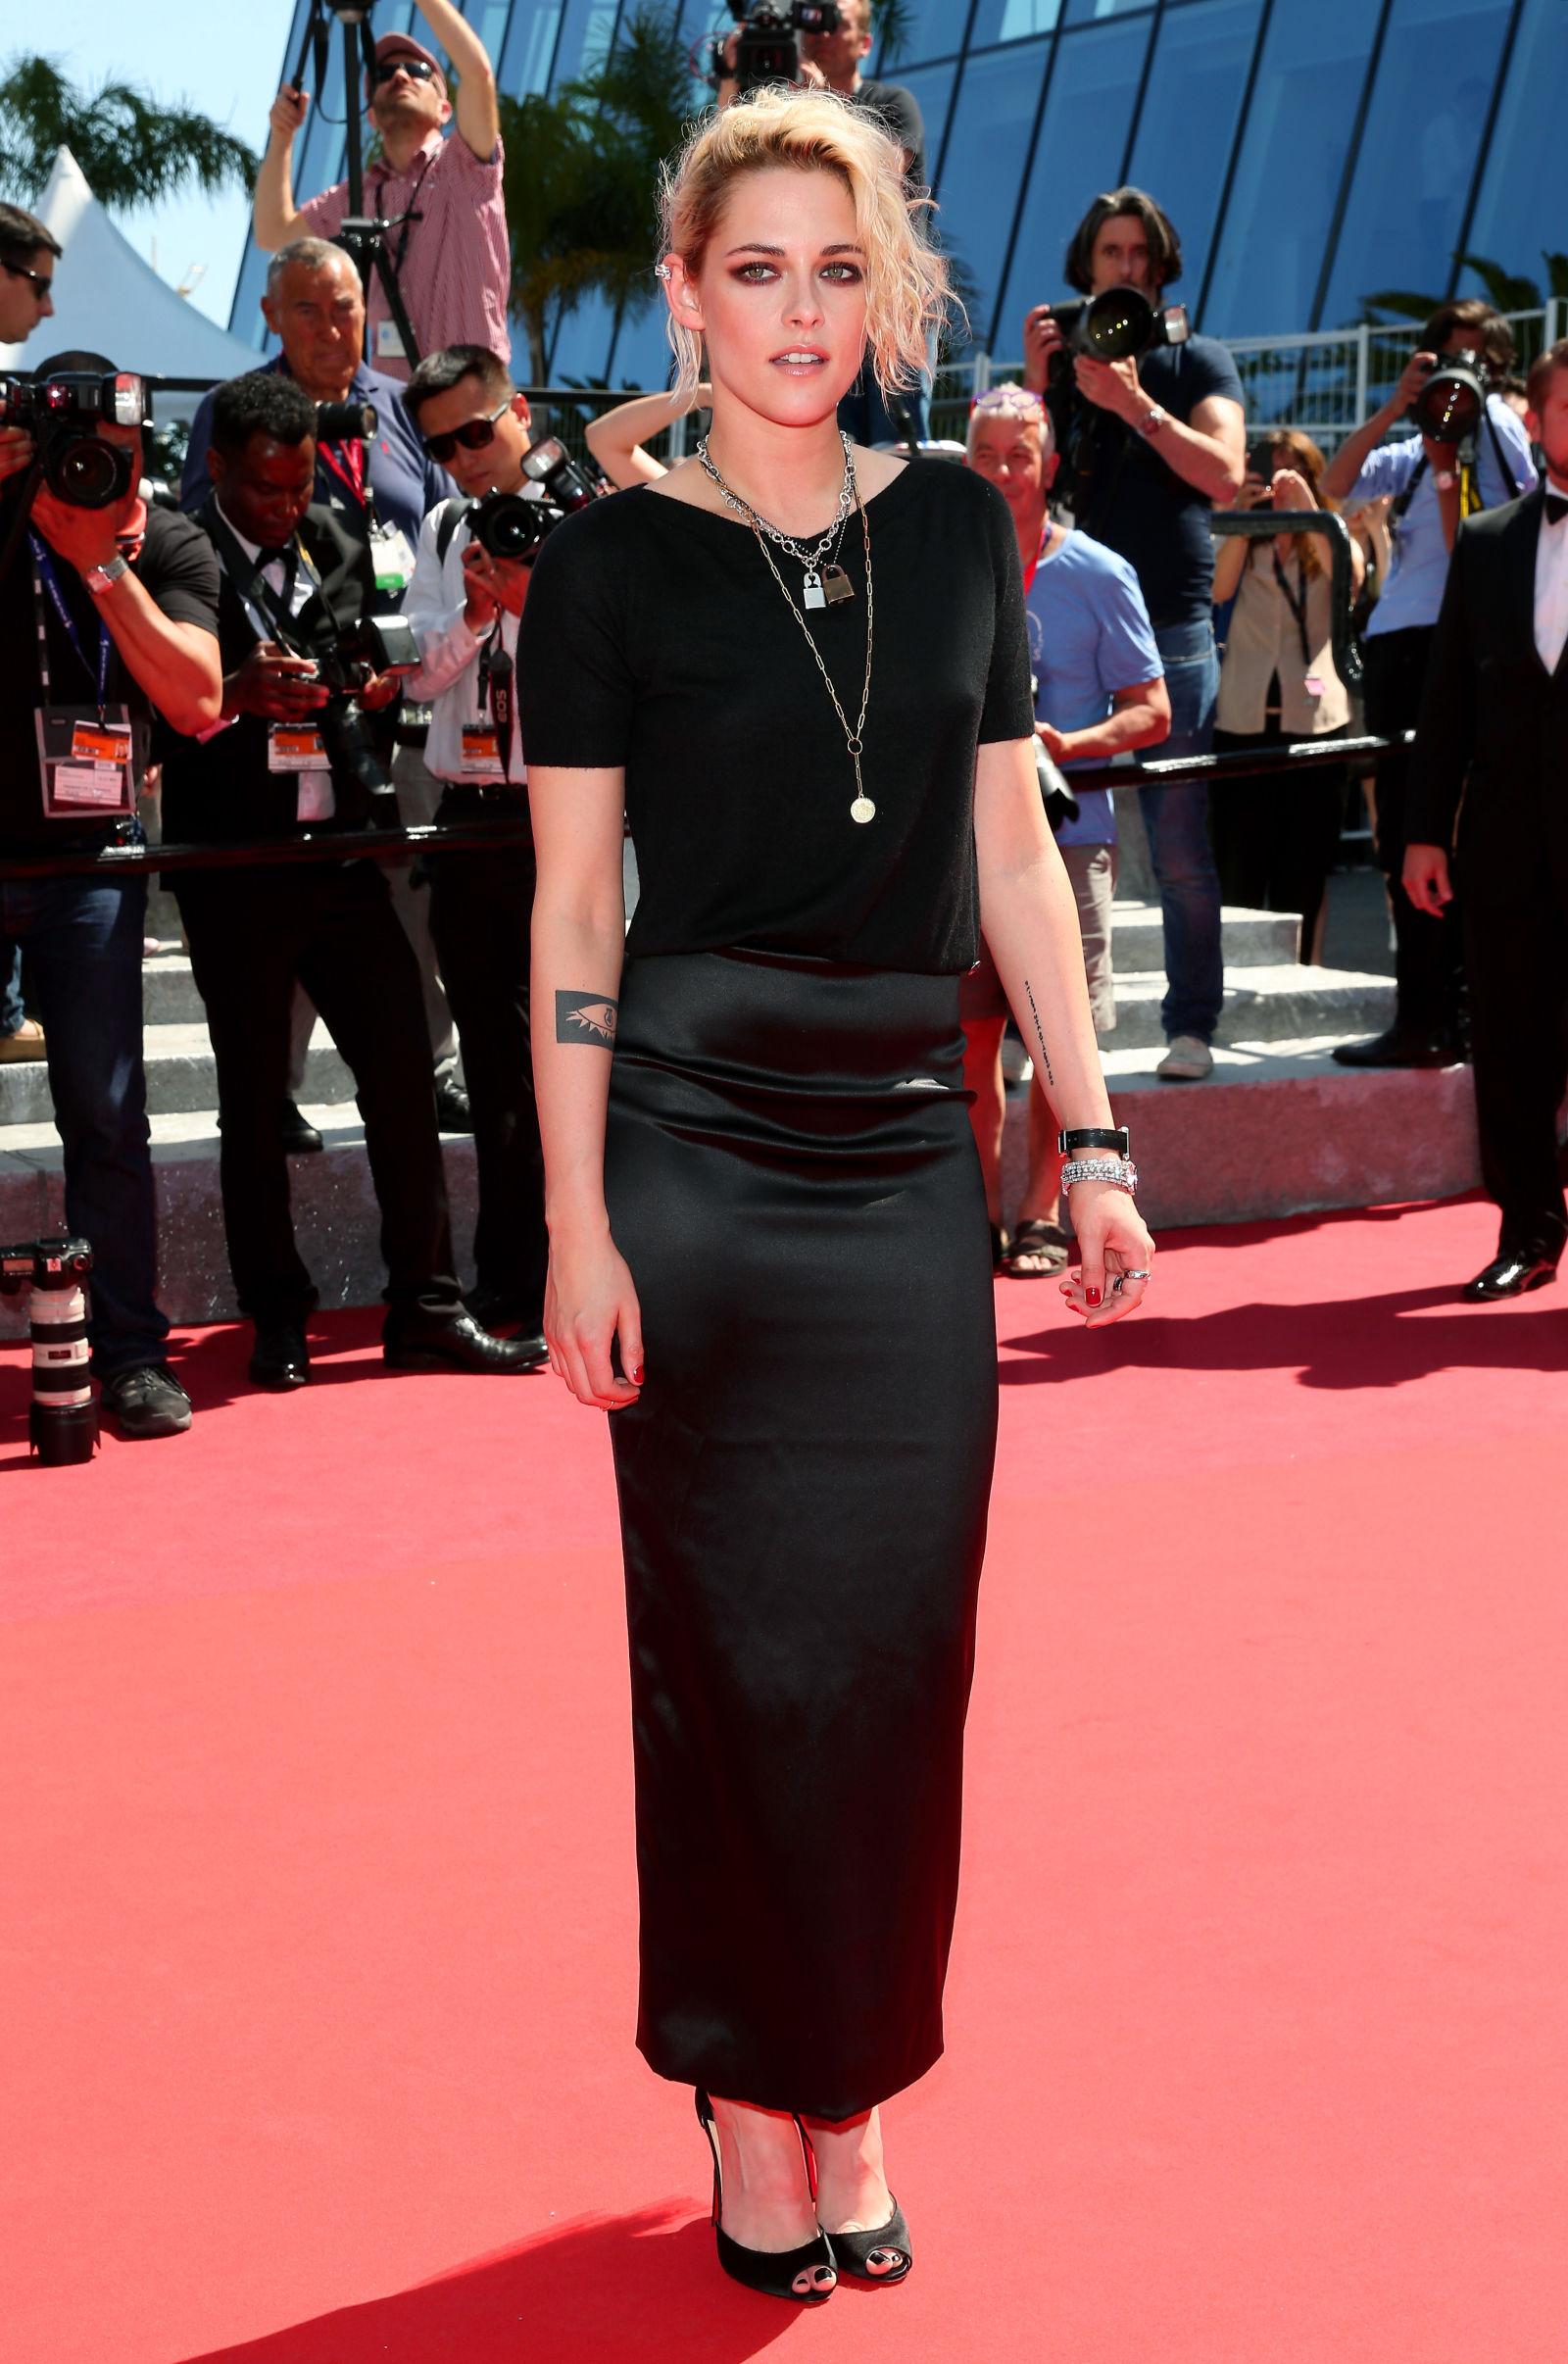 Kristen Stewart hairstyles Cannes 2016